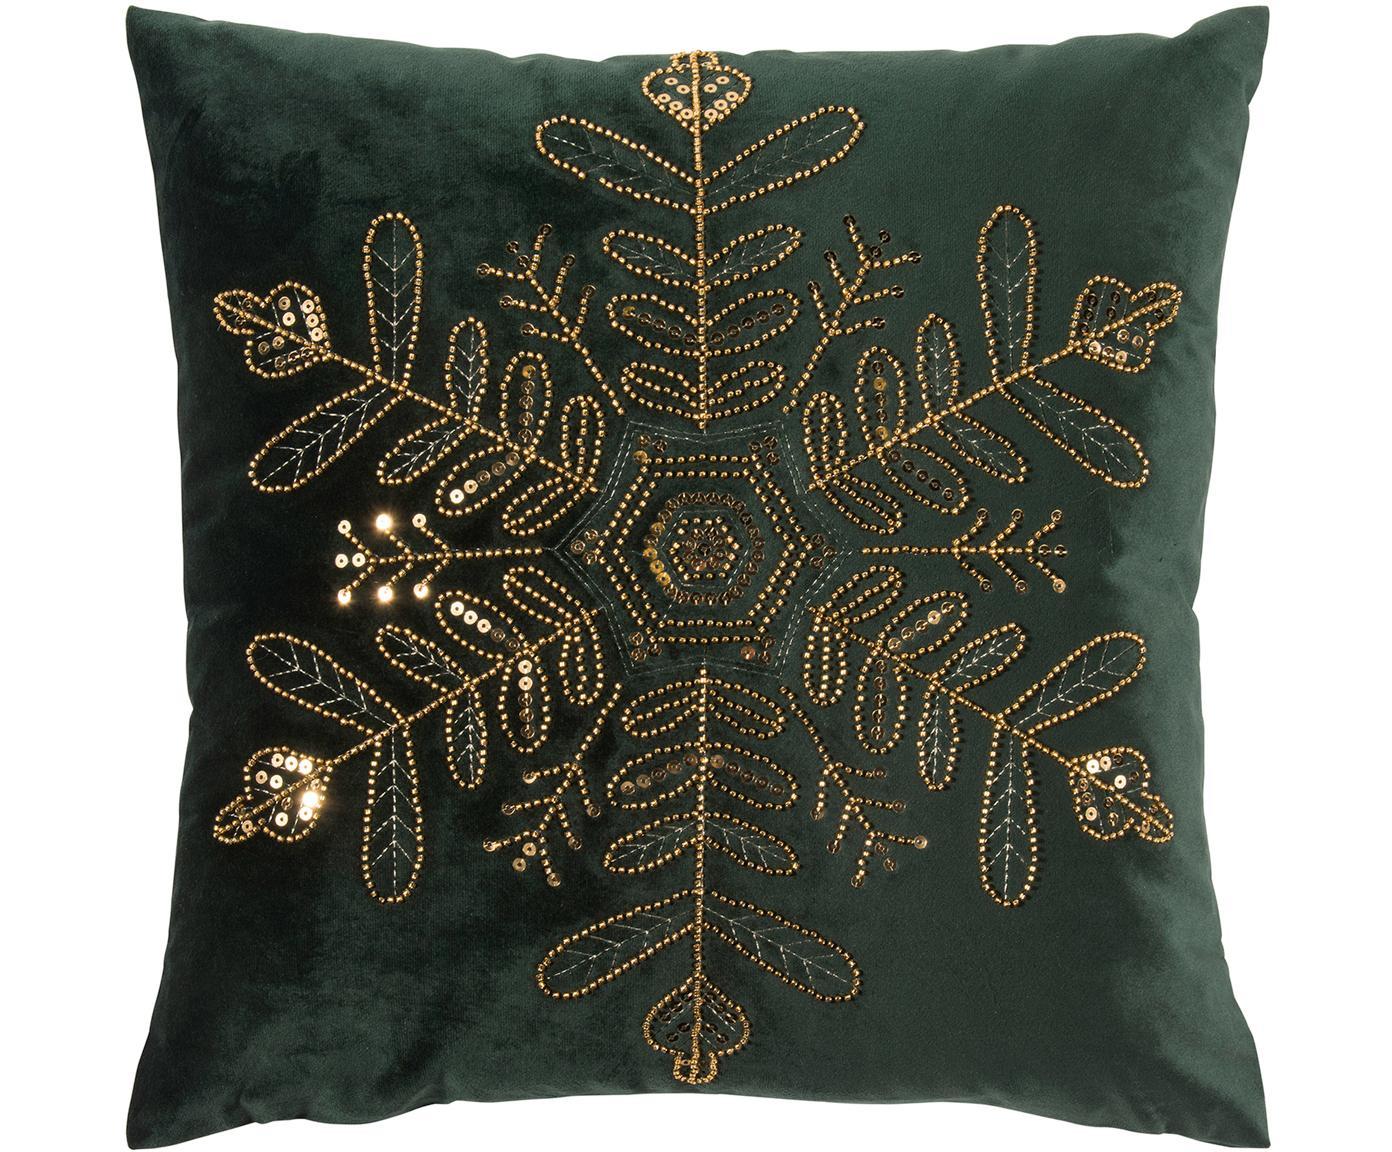 Federa arredo in velluto Sparkle, Velluto di poliestere, Verde scuro, dorato, Larg. 45 x Lung. 45 cm